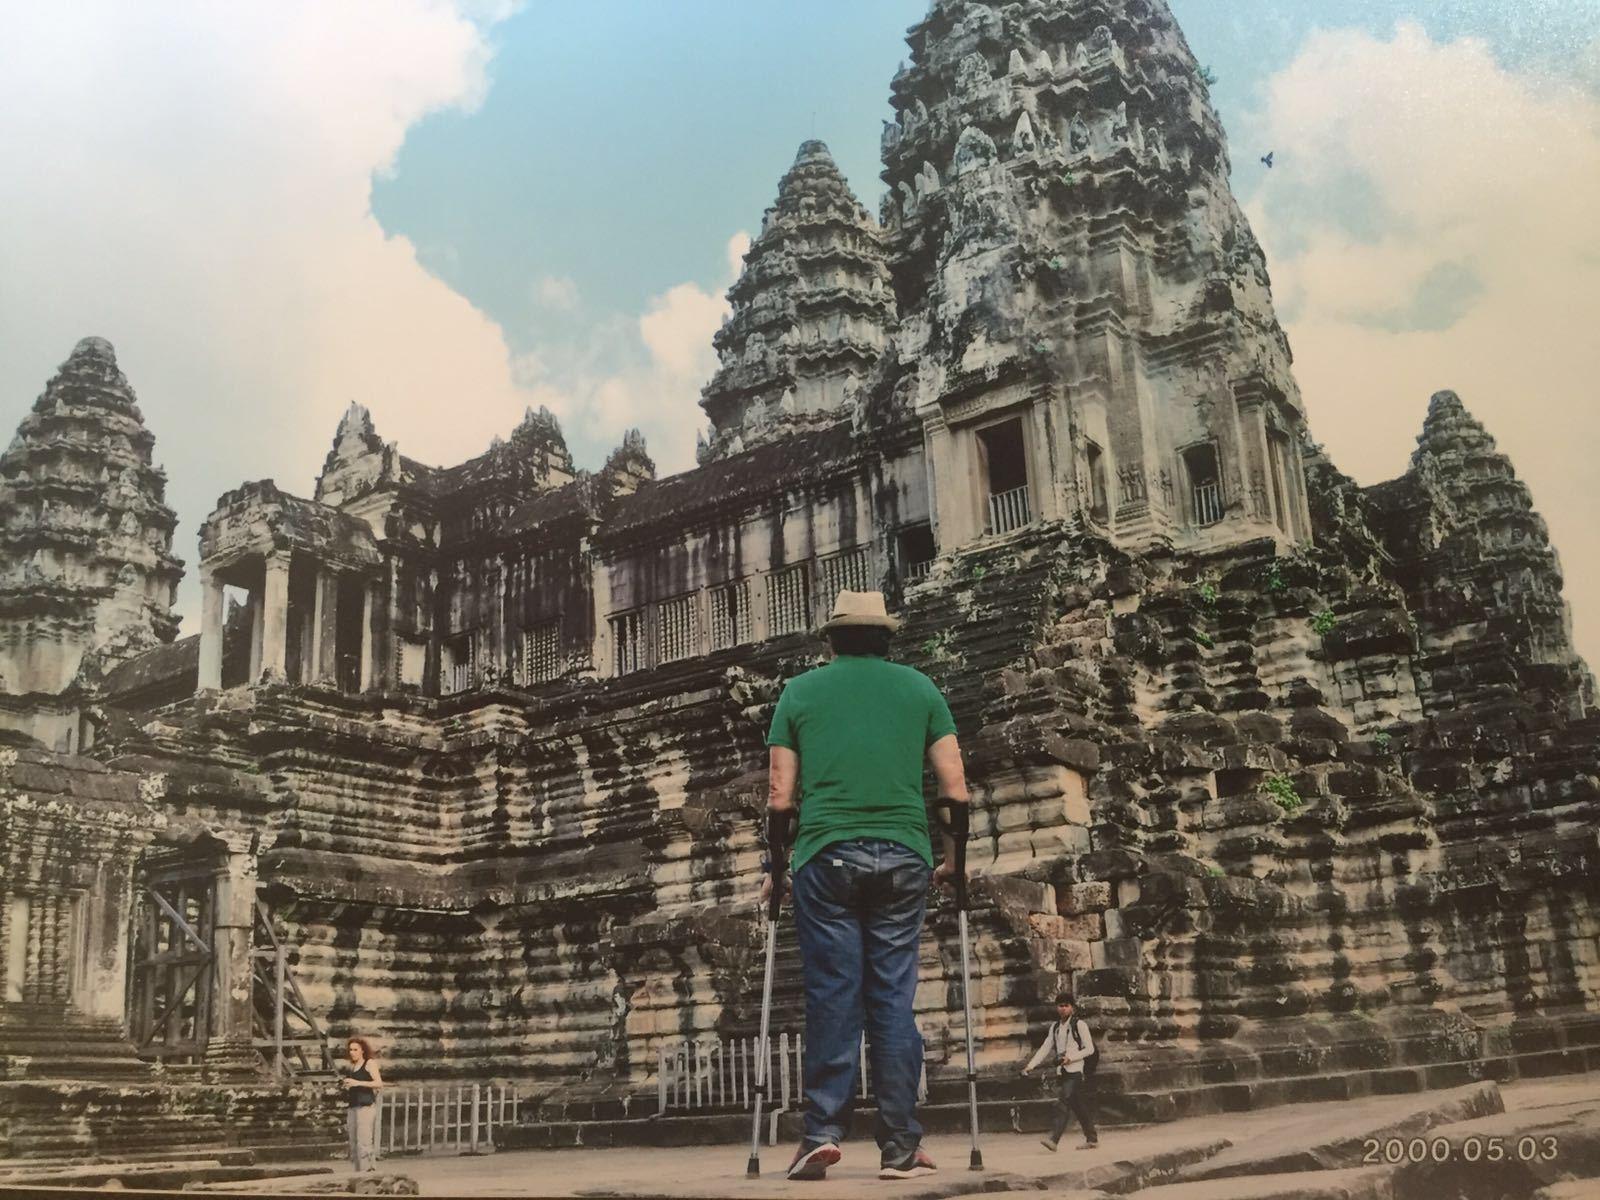 Luiz subindo as escadas do templo no Camboja